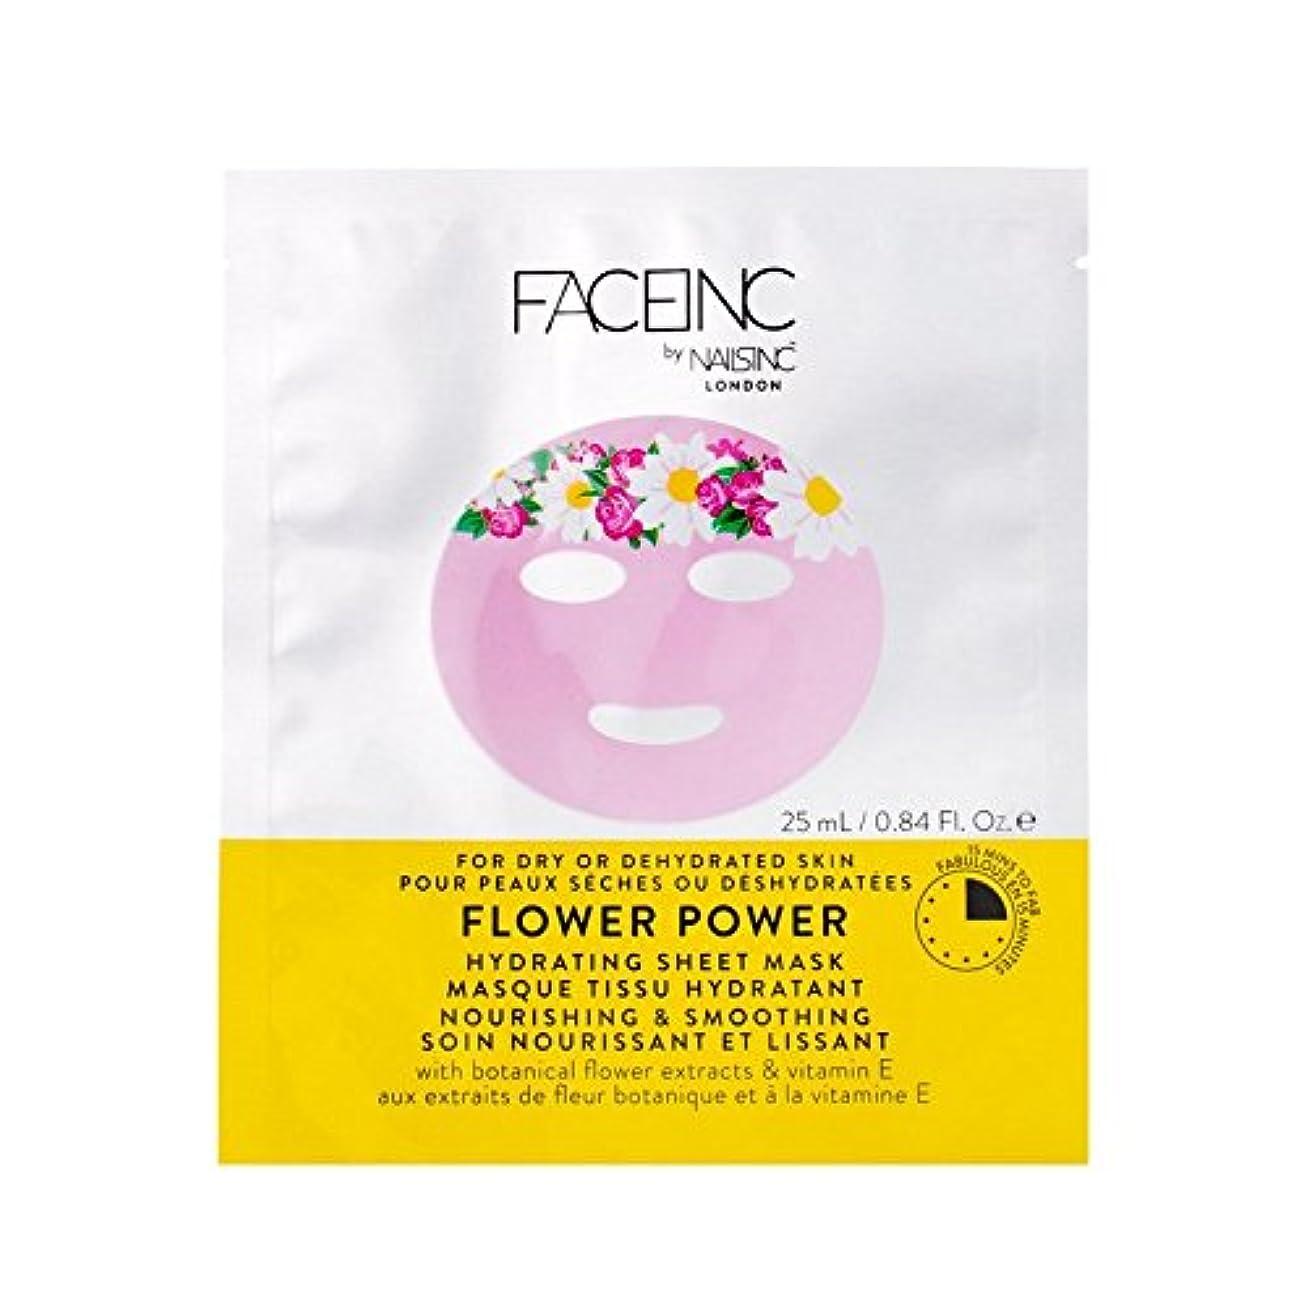 パイプ謎仮定するNails Inc. Face Inc Flower Power Mask (Pack of 6) - 爪が株式会社顔株式会社花のパワーマスク x6 [並行輸入品]